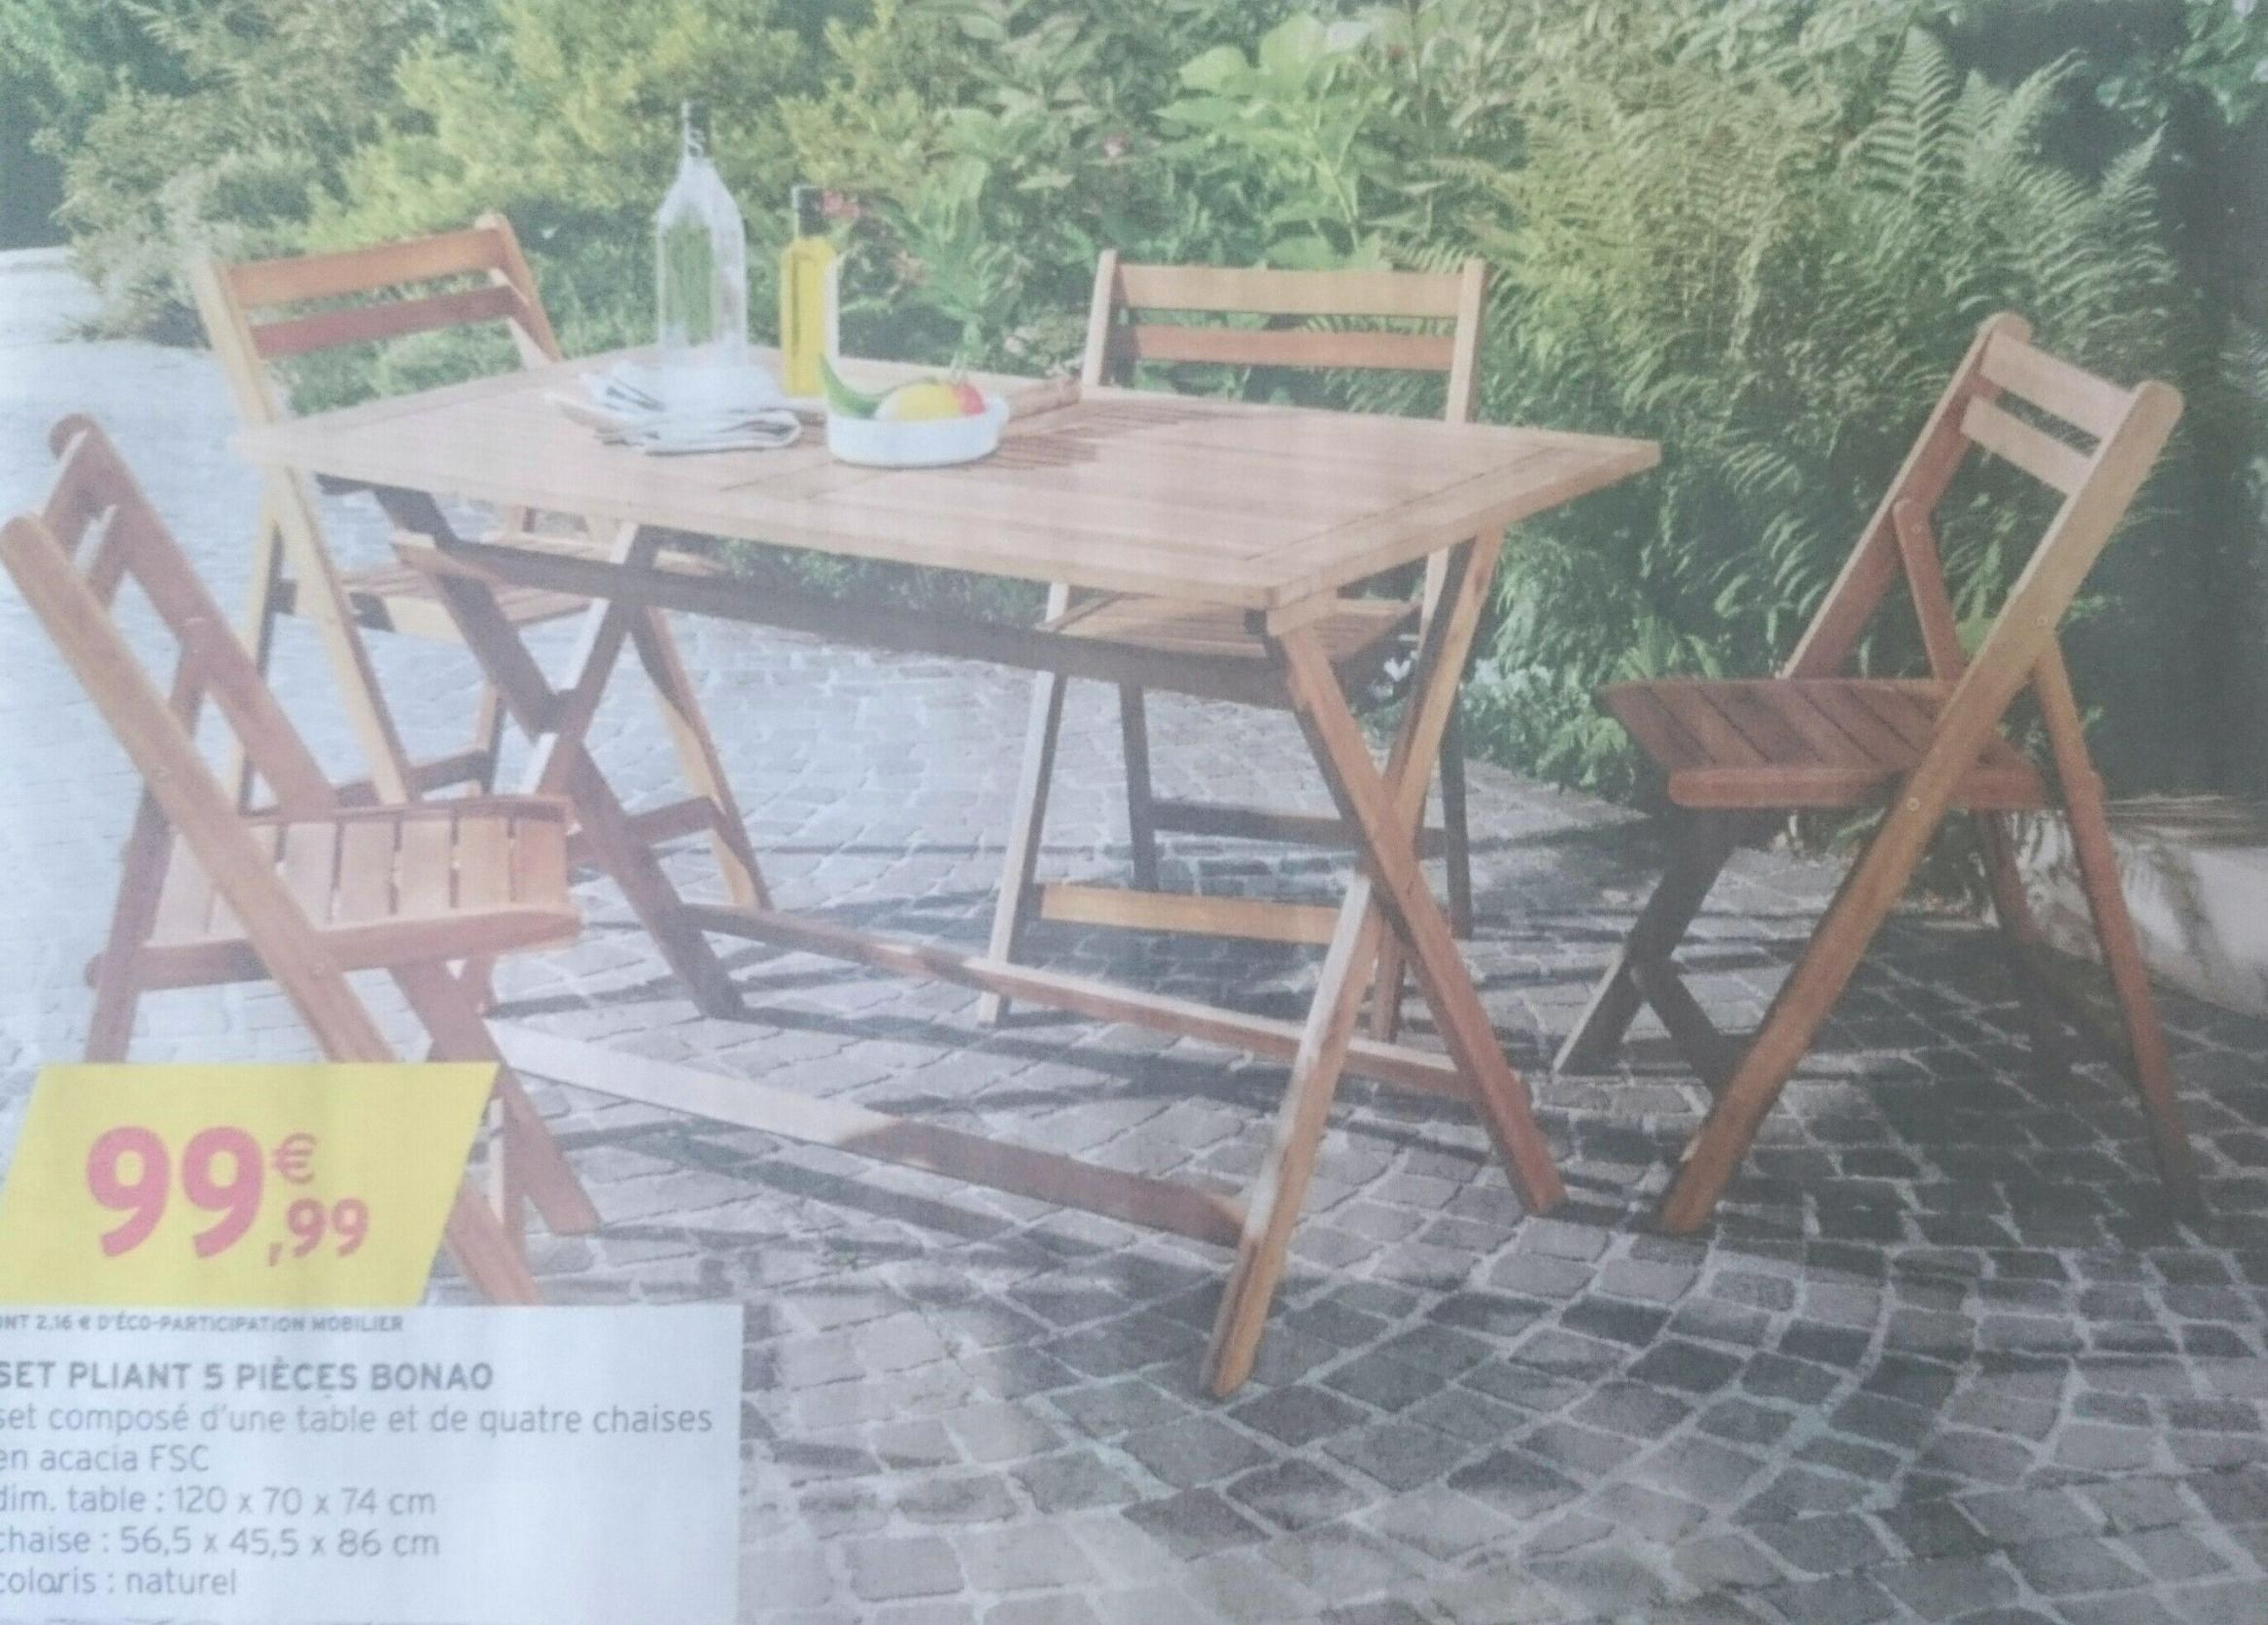 Salon de jardin santiago en acacia - Abri de jardin et balancoire idée